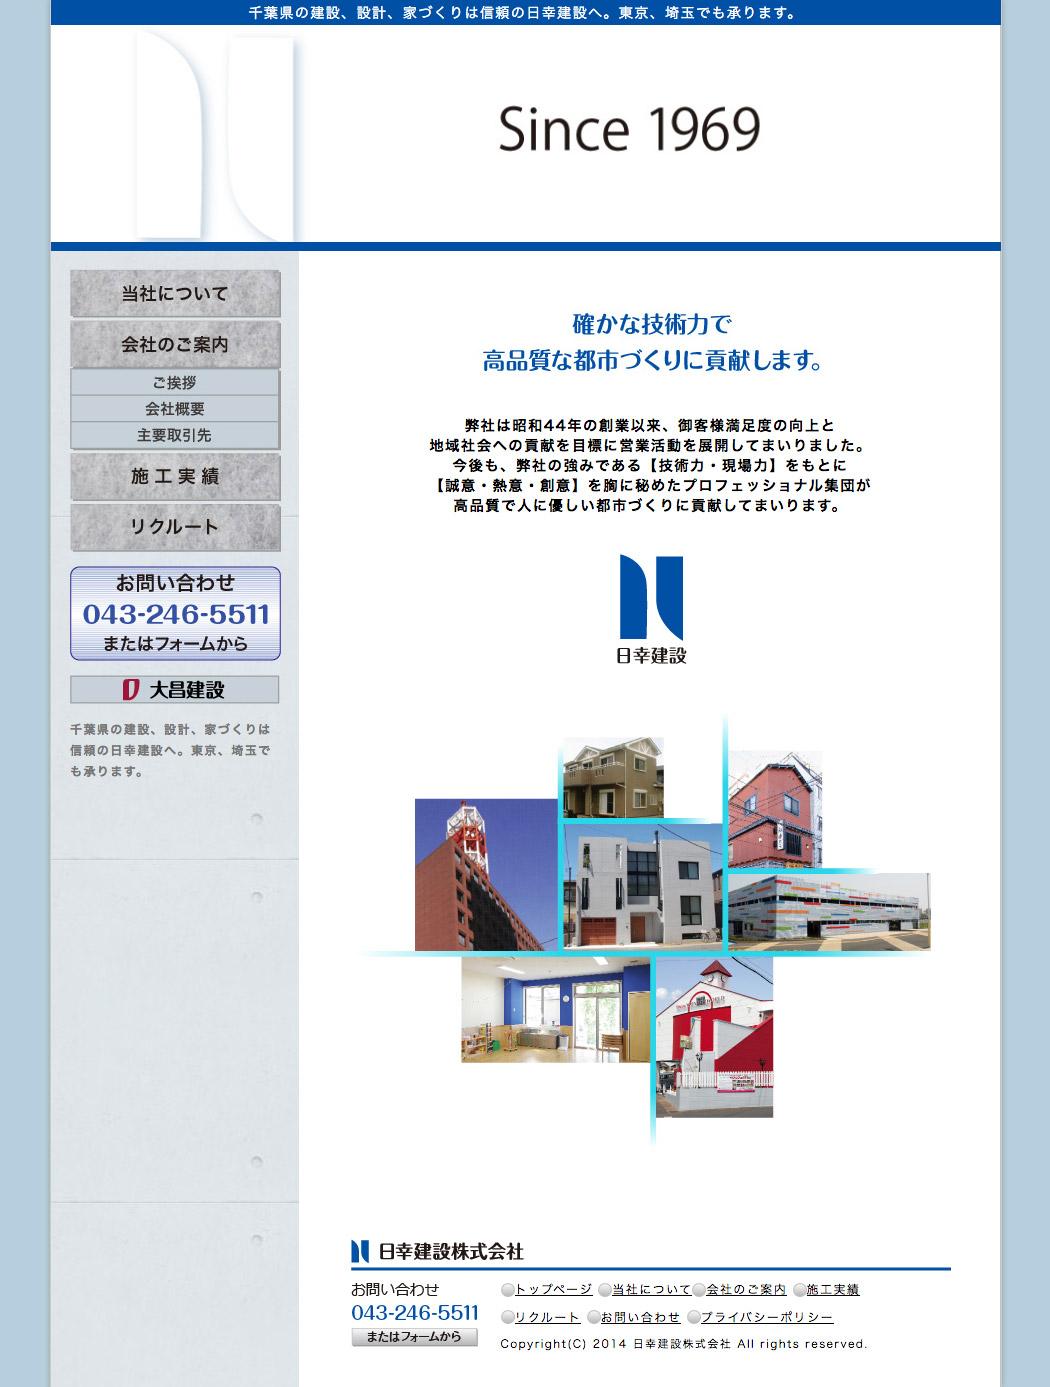 日幸建設株式会社様web1